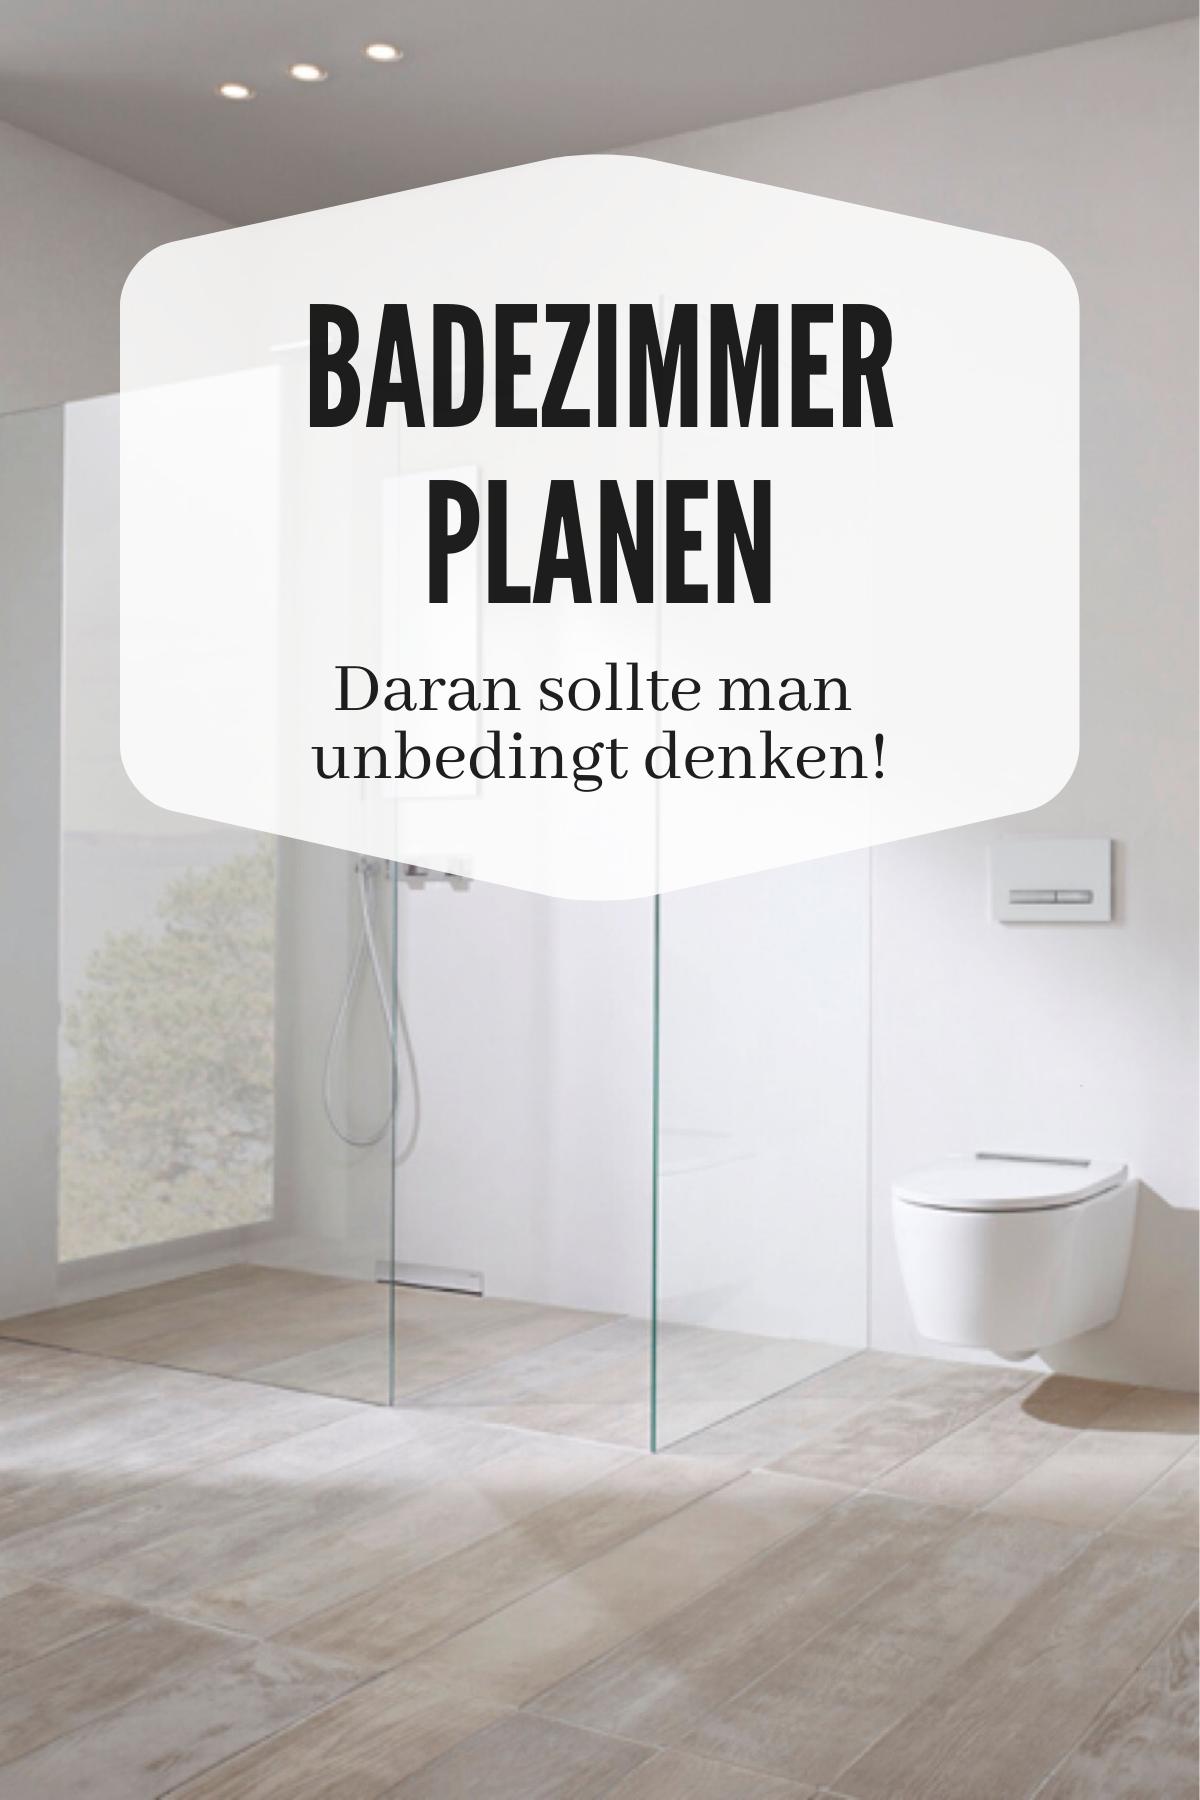 Neues Bad Planen Ideen Und Tipps Fur Kleine Badezimmer Lavendelblog In 2020 Badezimmer Planen Neues Badezimmer Kleine Badezimmer